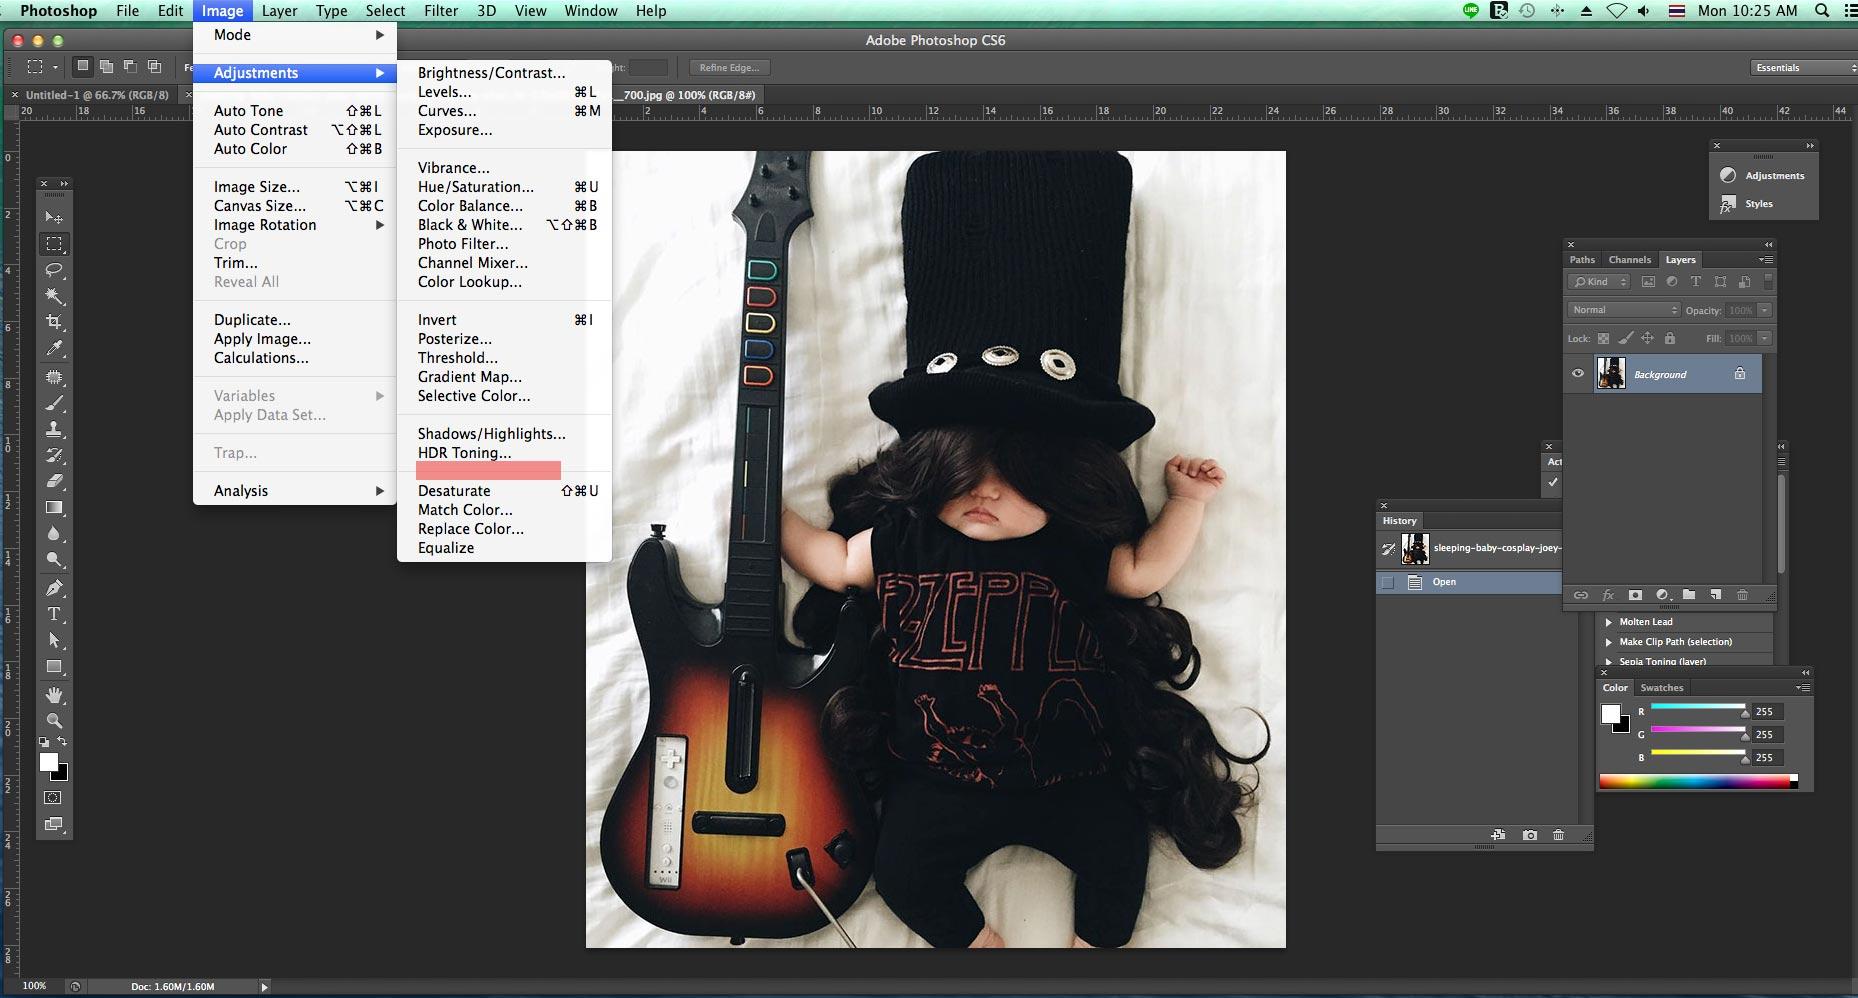 เครื่องมือ photoshop cs6